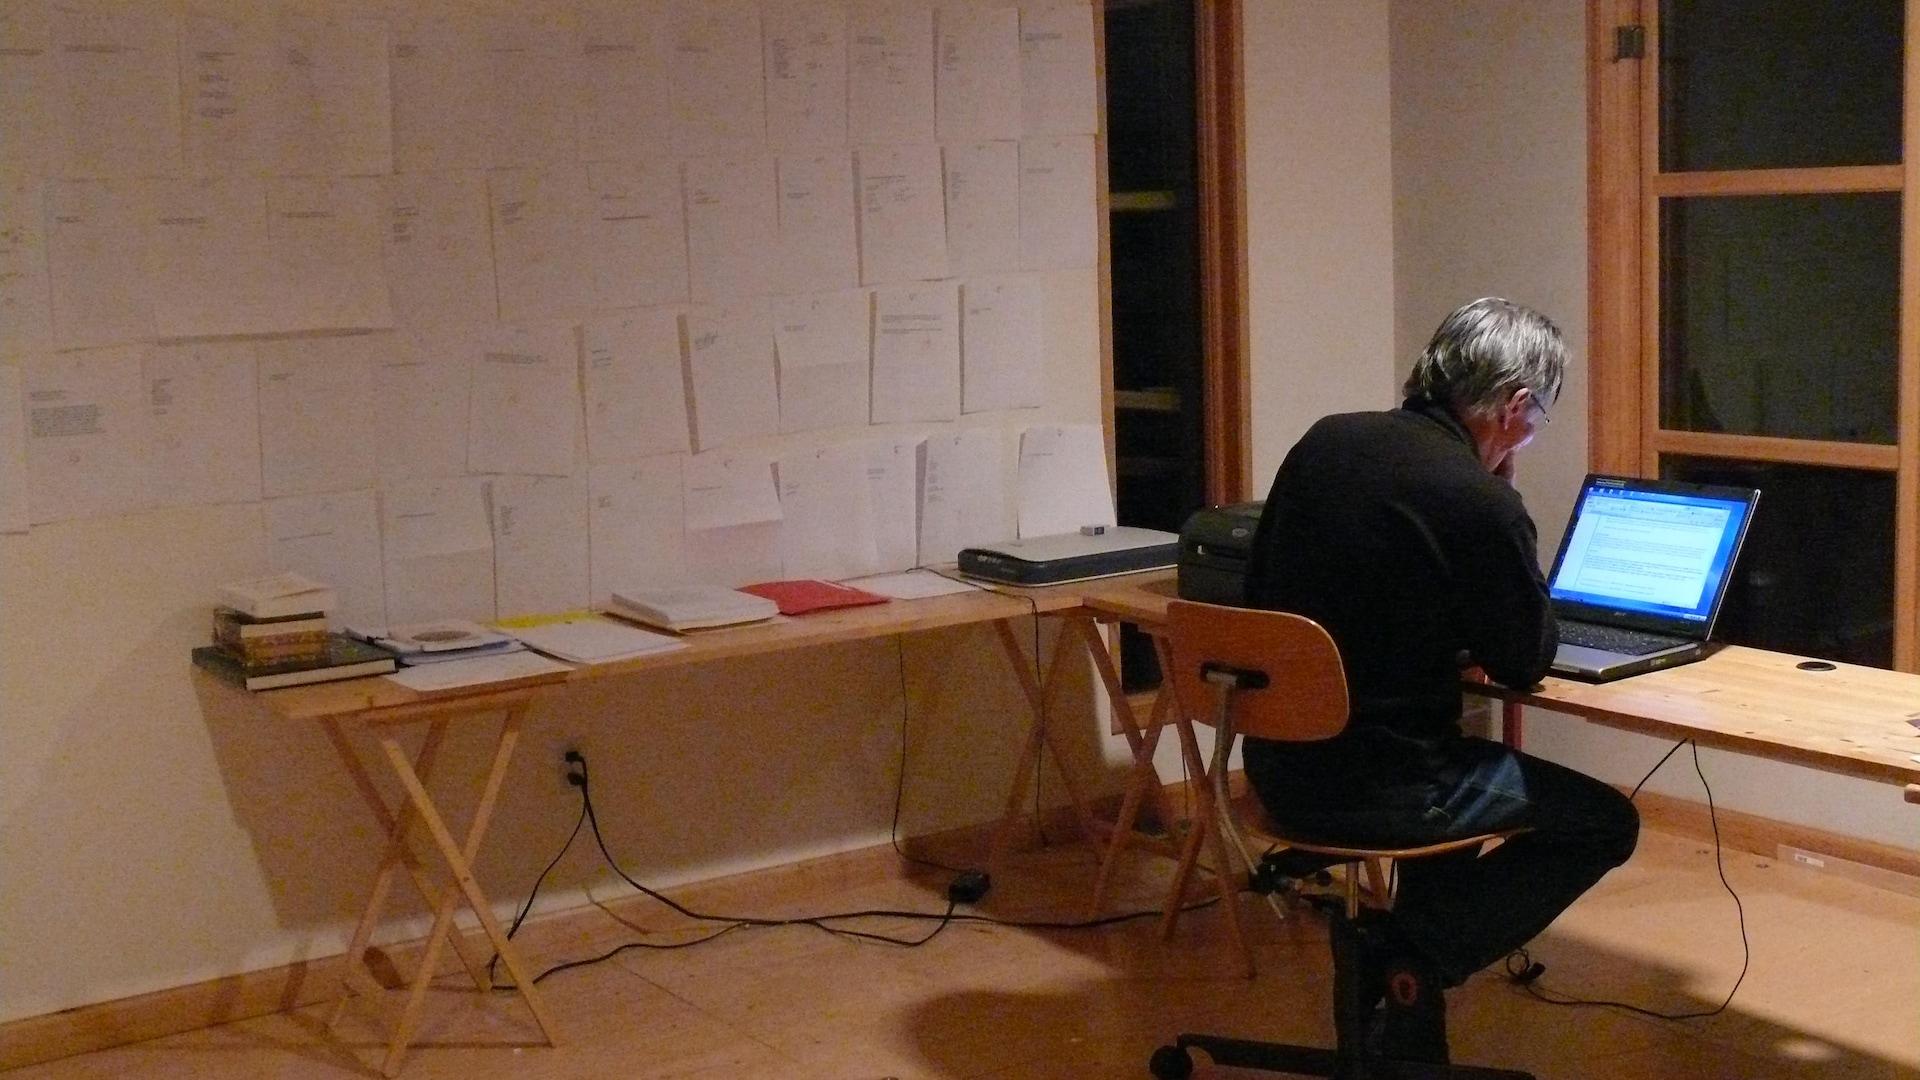 Une salle dépouillée, avec deux tables et un homme assis devant un ordinateur portable (de dos). Sur le mur, à sa gauche, des pages de manuscrit sont collées au mur.